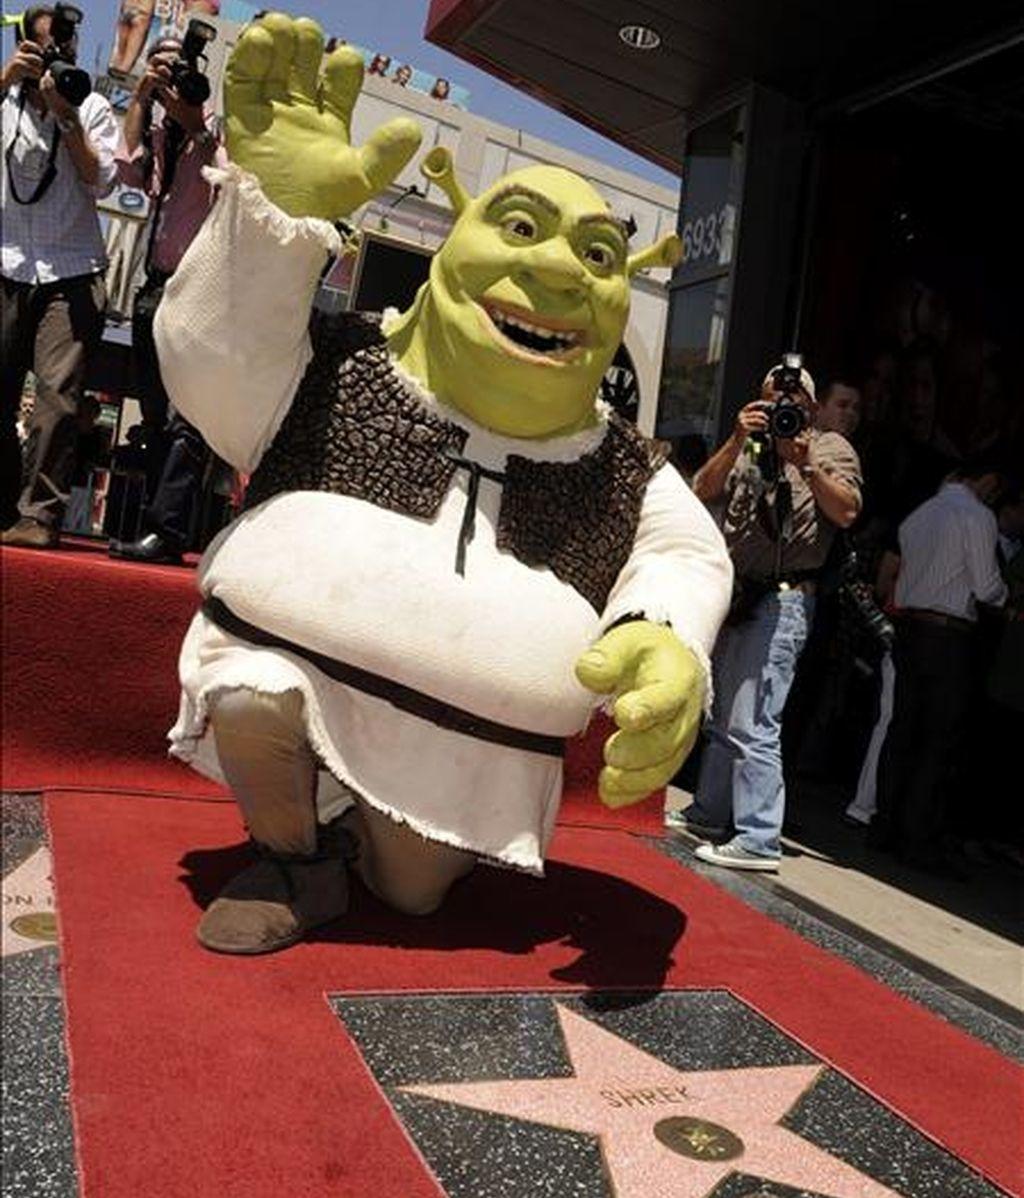 Shrek, la estrella de las películas animadas, saluda al público al recibir la estrella número 2.408 en el paseo de la fama de Hollywood (EEUU). La saga, que ha ganado el premio Óscar a la mejor cinta animada, llega a su cuarta parte, que será estrenada mañana en España. EFE/Archivo